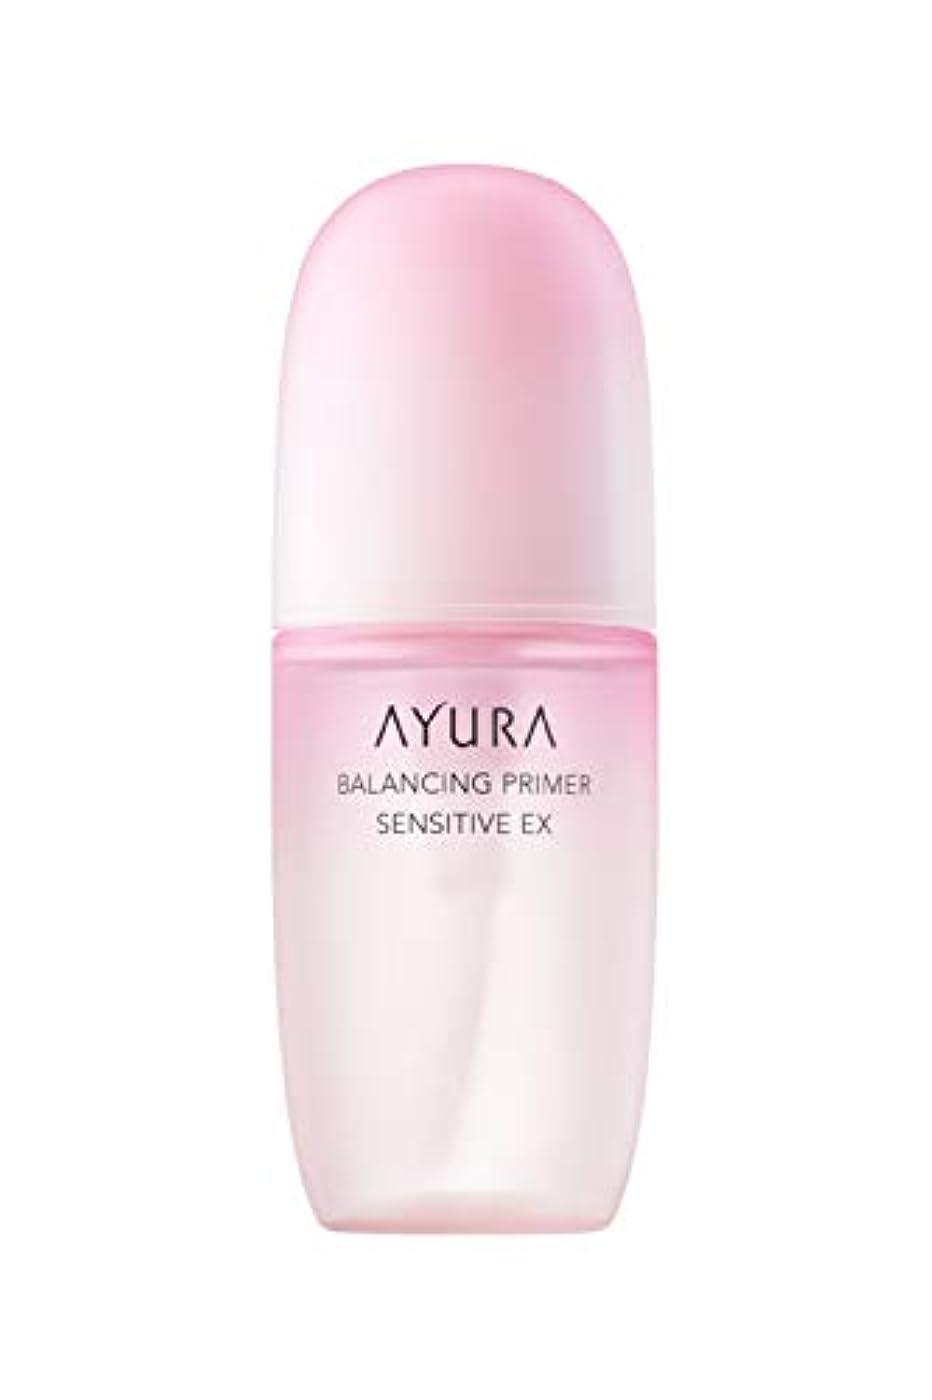 テレマコス思い出すにぎやかアユーラ (AYURA) バランシング プライマー センシティブ EX (医薬部外品) < 化粧液 > 100mL 透明感としなやかなはりのある 健やかな肌へ エッセンス ローションタイプ 敏感肌用